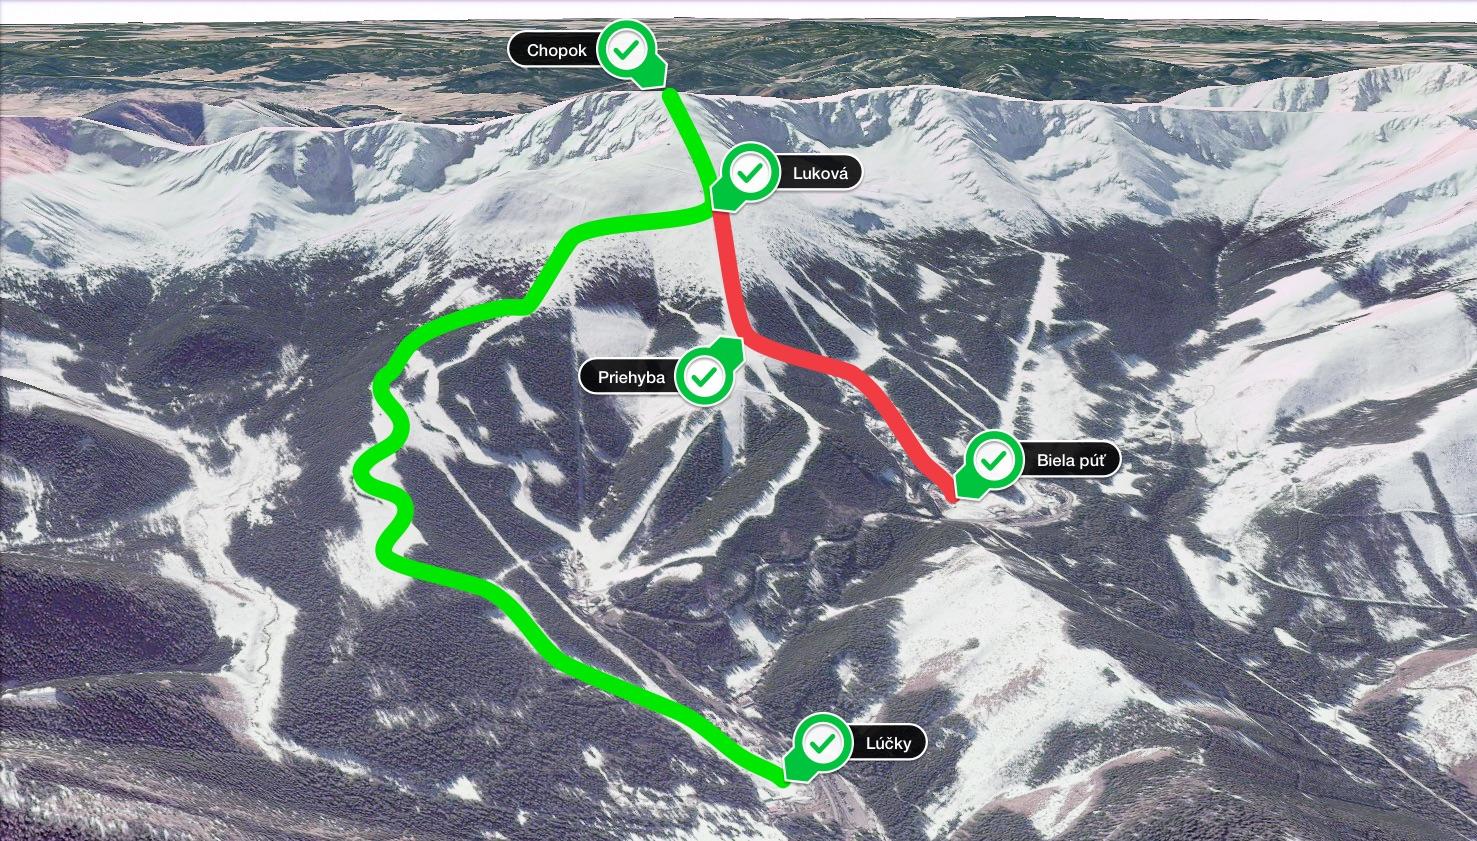 Mapa strediska Jasná Nízke Tatry so značenými chodníkmi pre skialpinistov